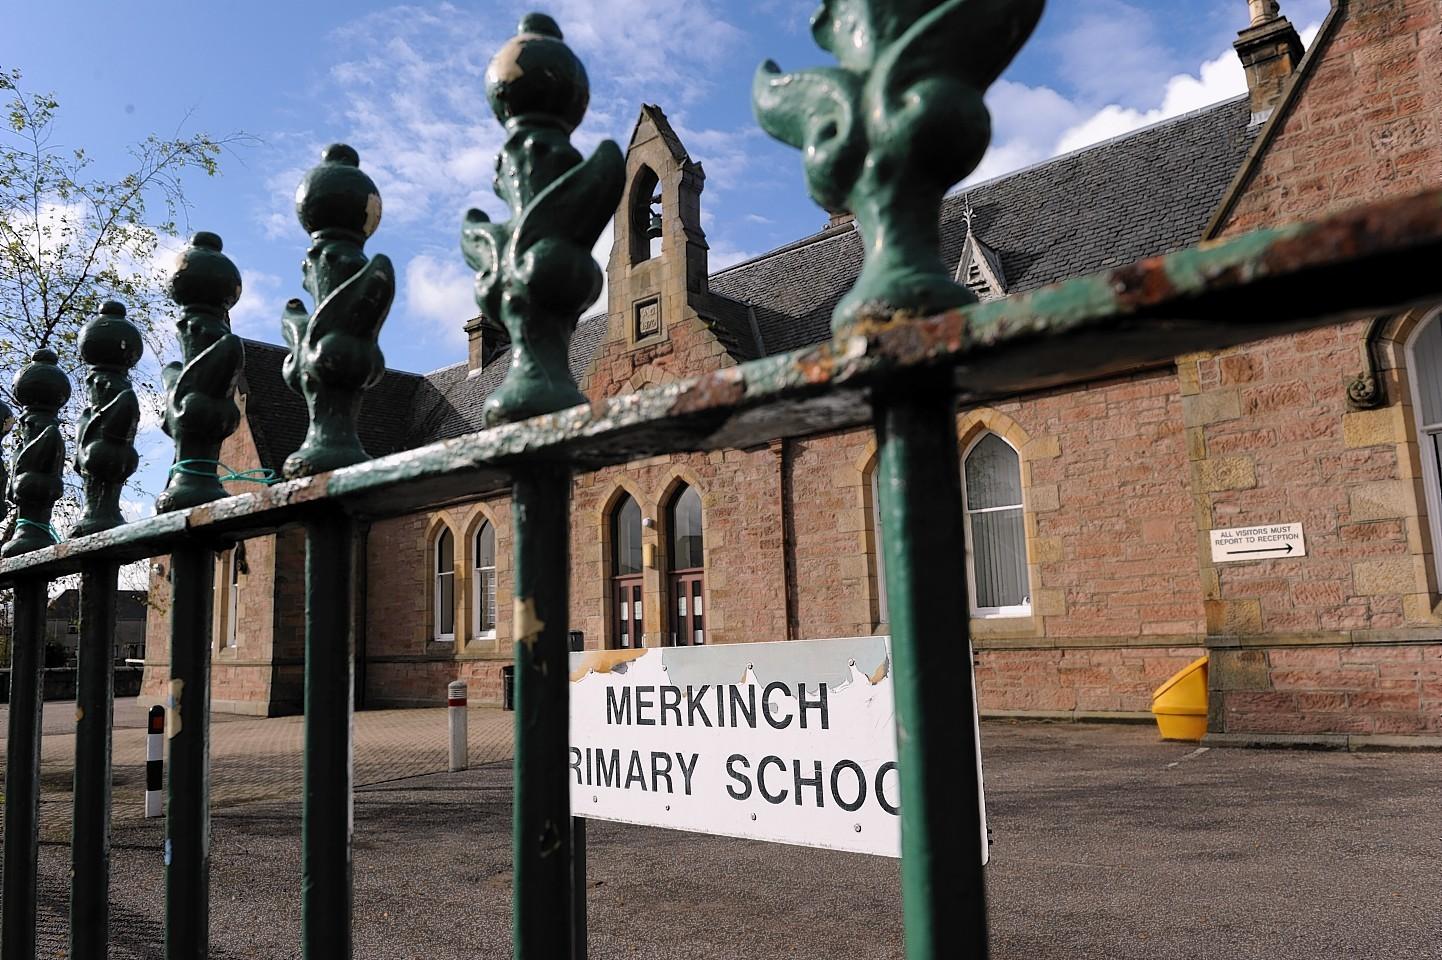 Merkinch Primary School